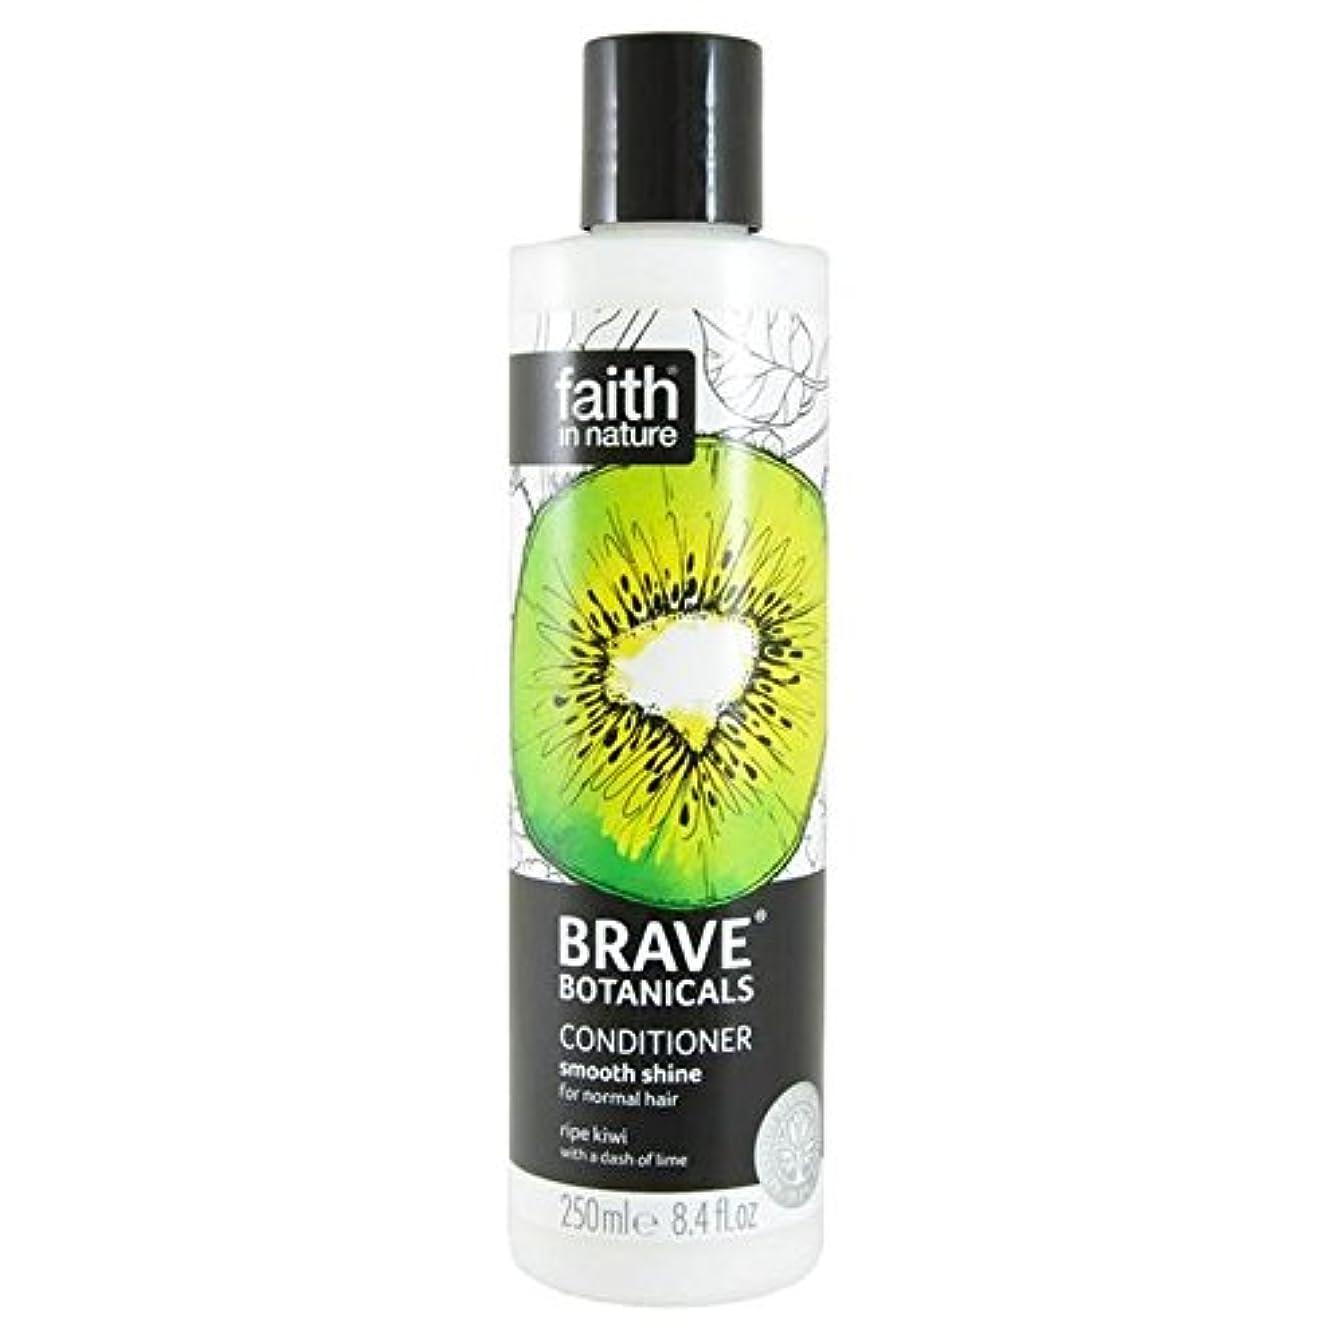 彼らはゆり価格Brave Botanicals Kiwi & Lime Smooth Shine Conditioner 250ml (Pack of 2) - (Faith In Nature) 勇敢な植物キウイ&ライムなめらかな輝...